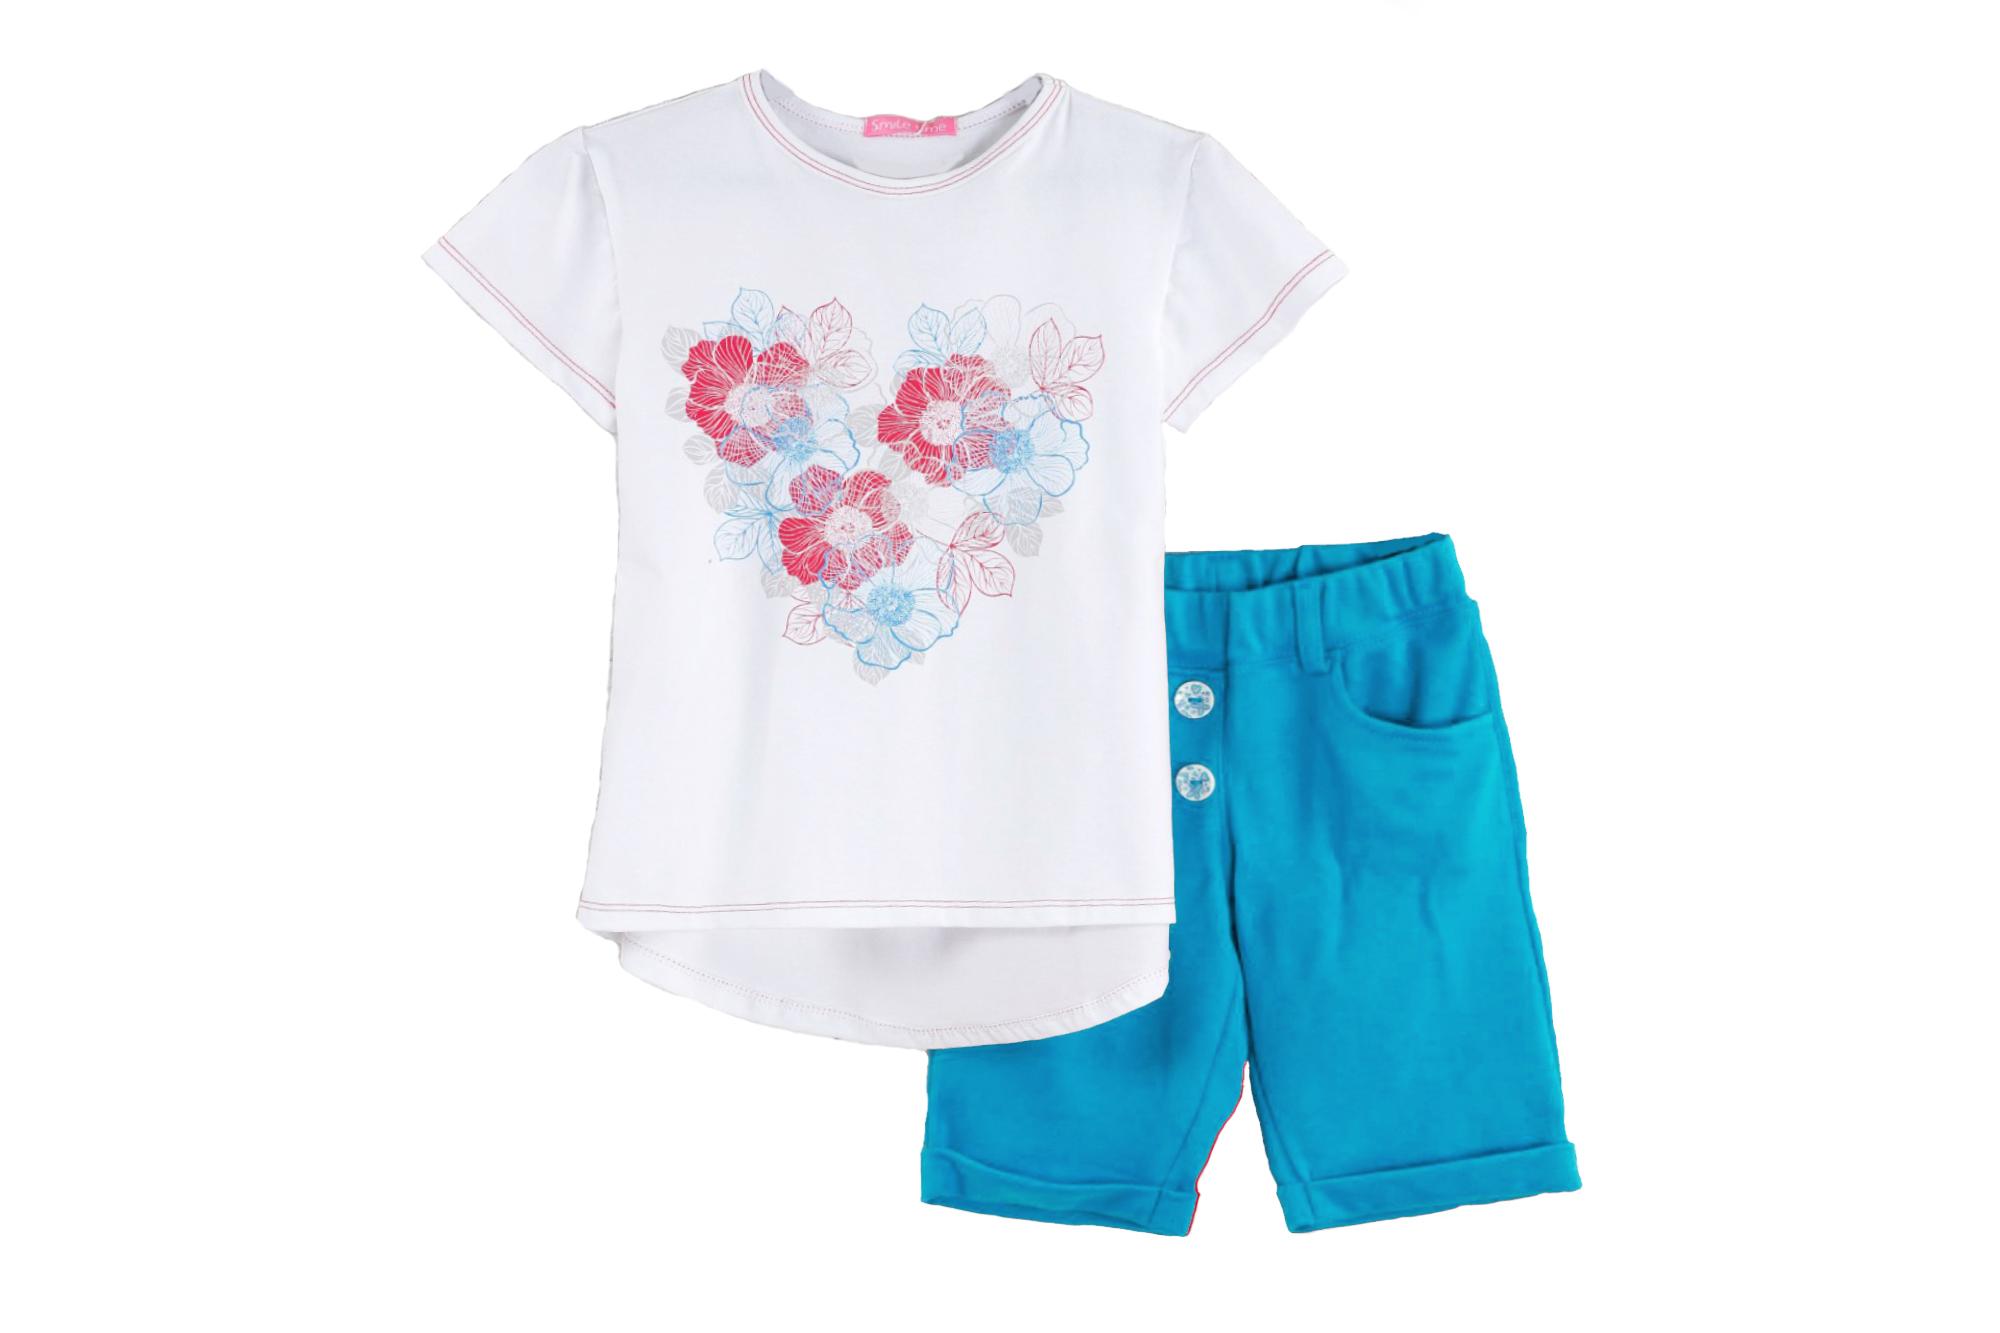 Костюм SmileTime для девочки Flower Heart шорты и футболка, бирюзовый